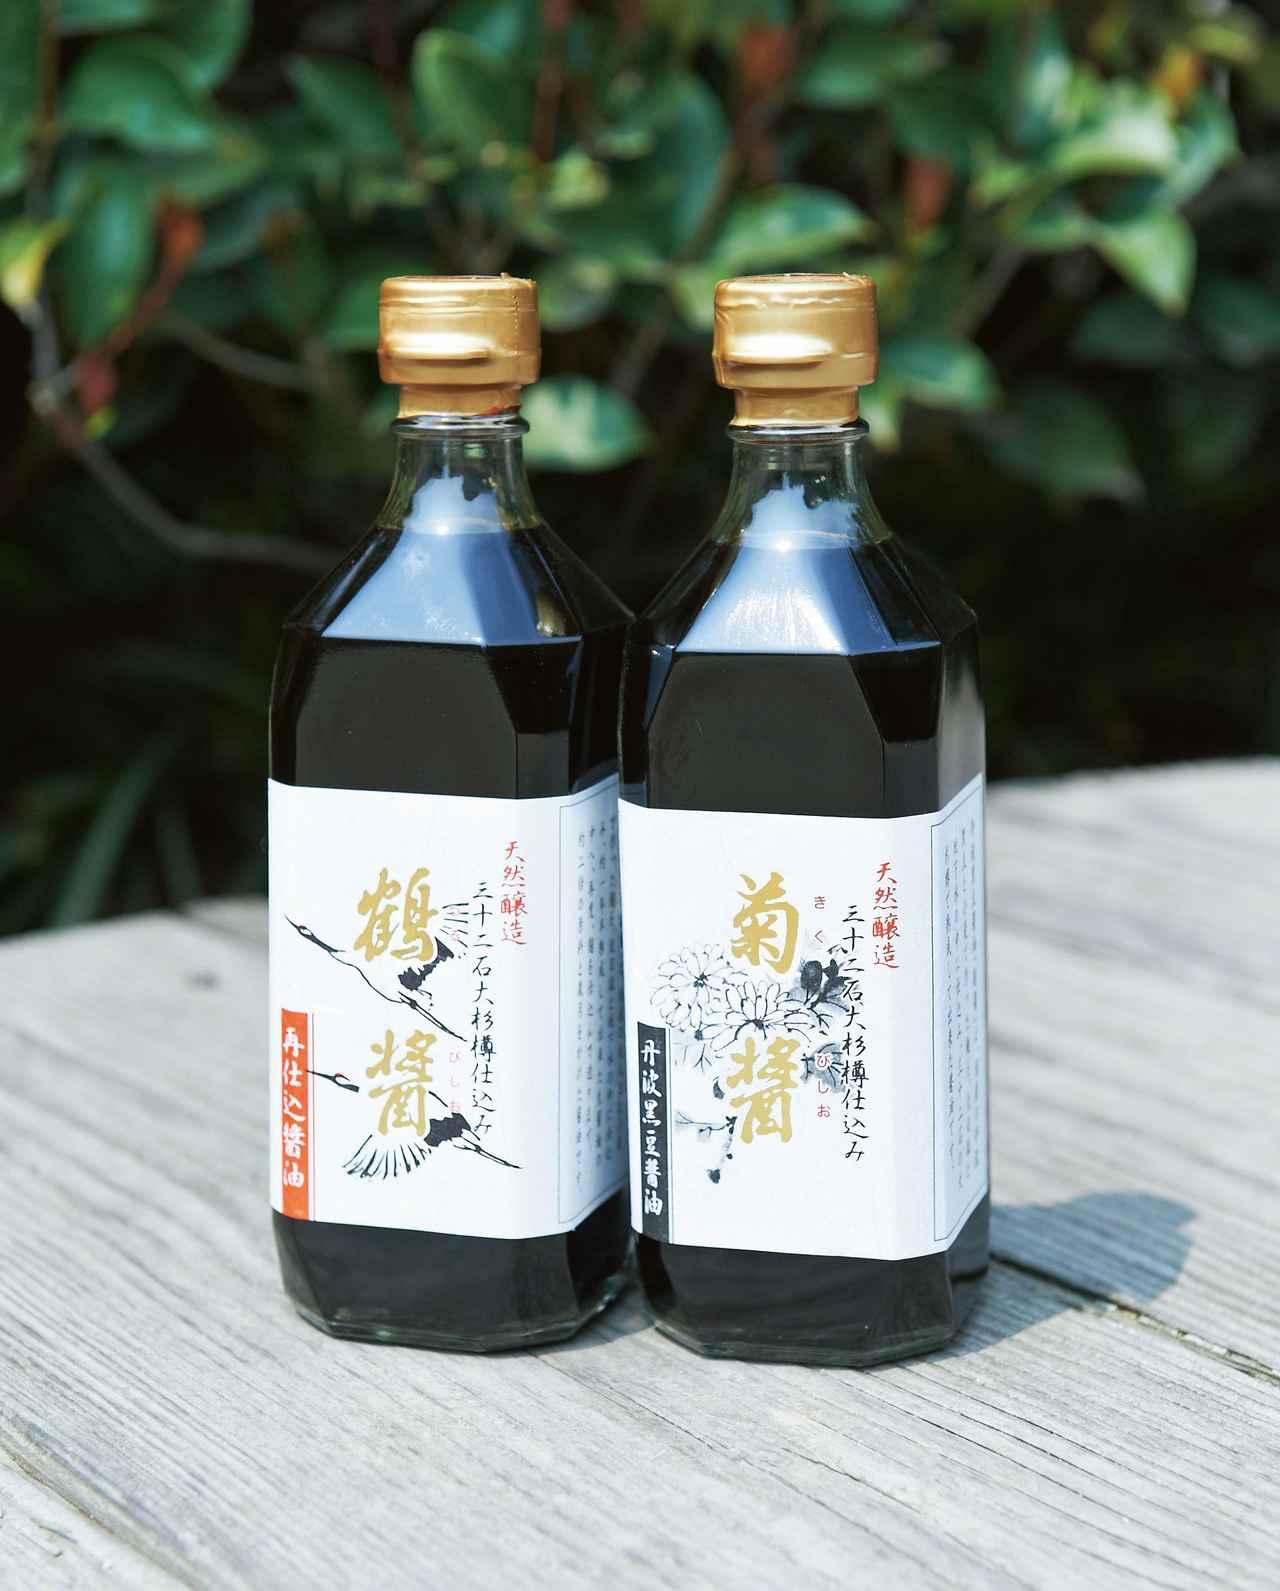 画像: 黒豆を原料にした「菊醤」はあっさりしていて、あと口がほのかに甘い。再仕込みの「鶴醤」は濃厚なうま味